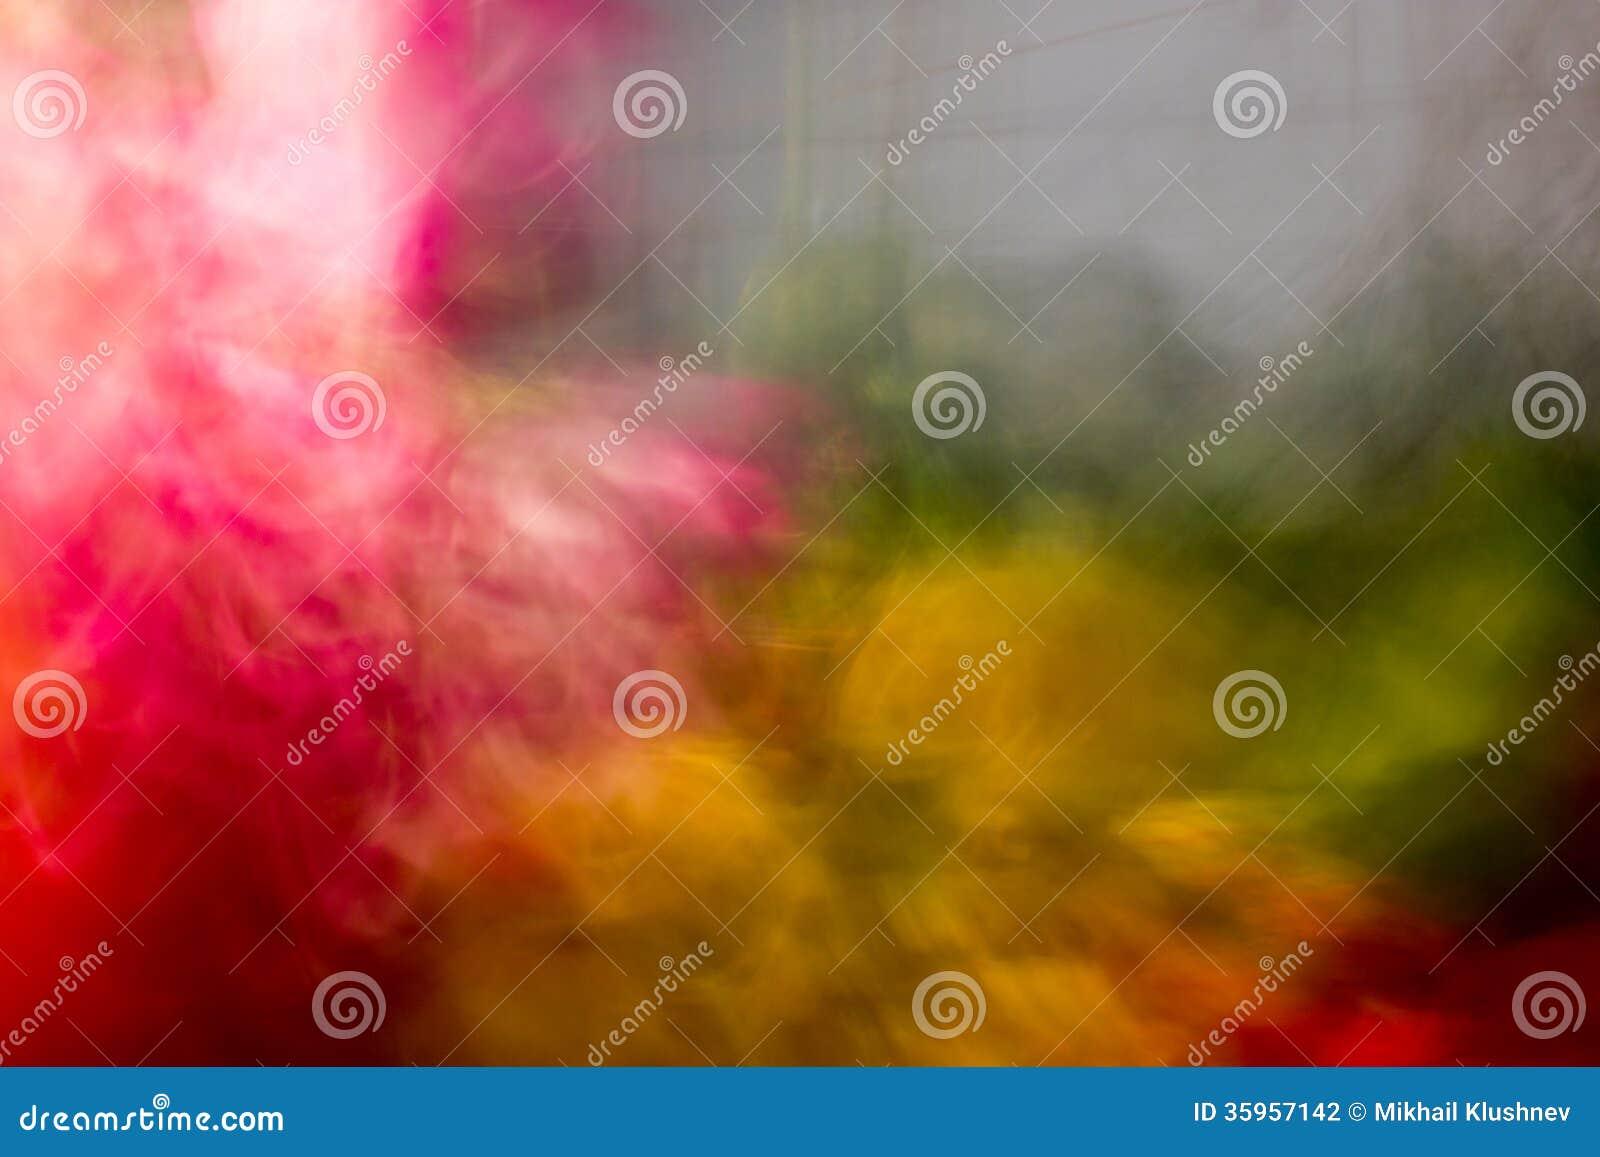 Explosión de color doble.